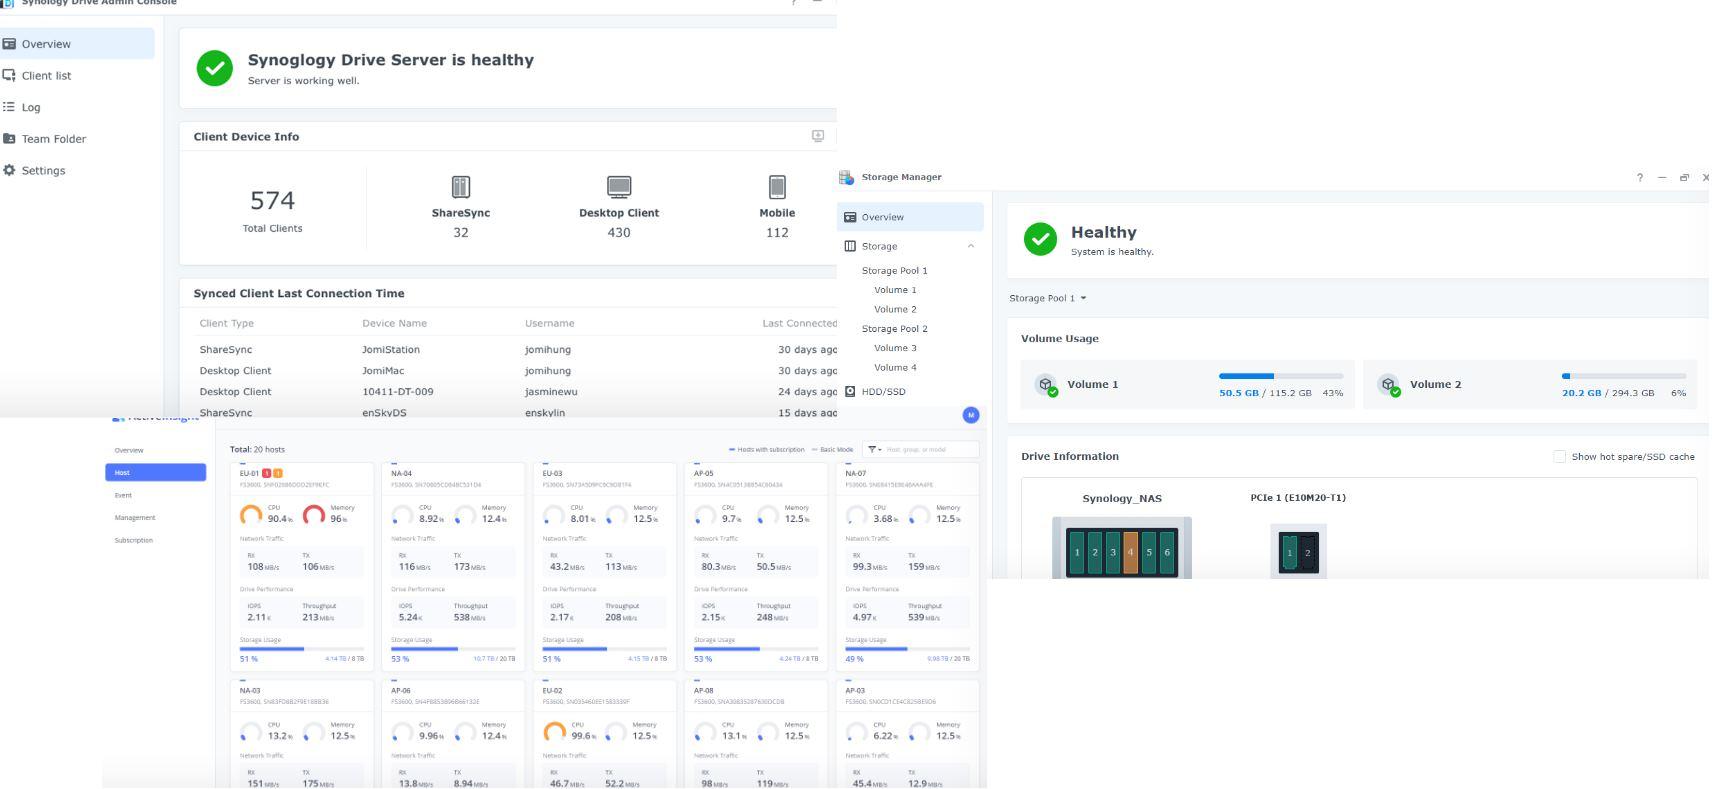 Synology presenta DiskStation Manager 7.0, su nuevo sistema operativo para nuestro NAS